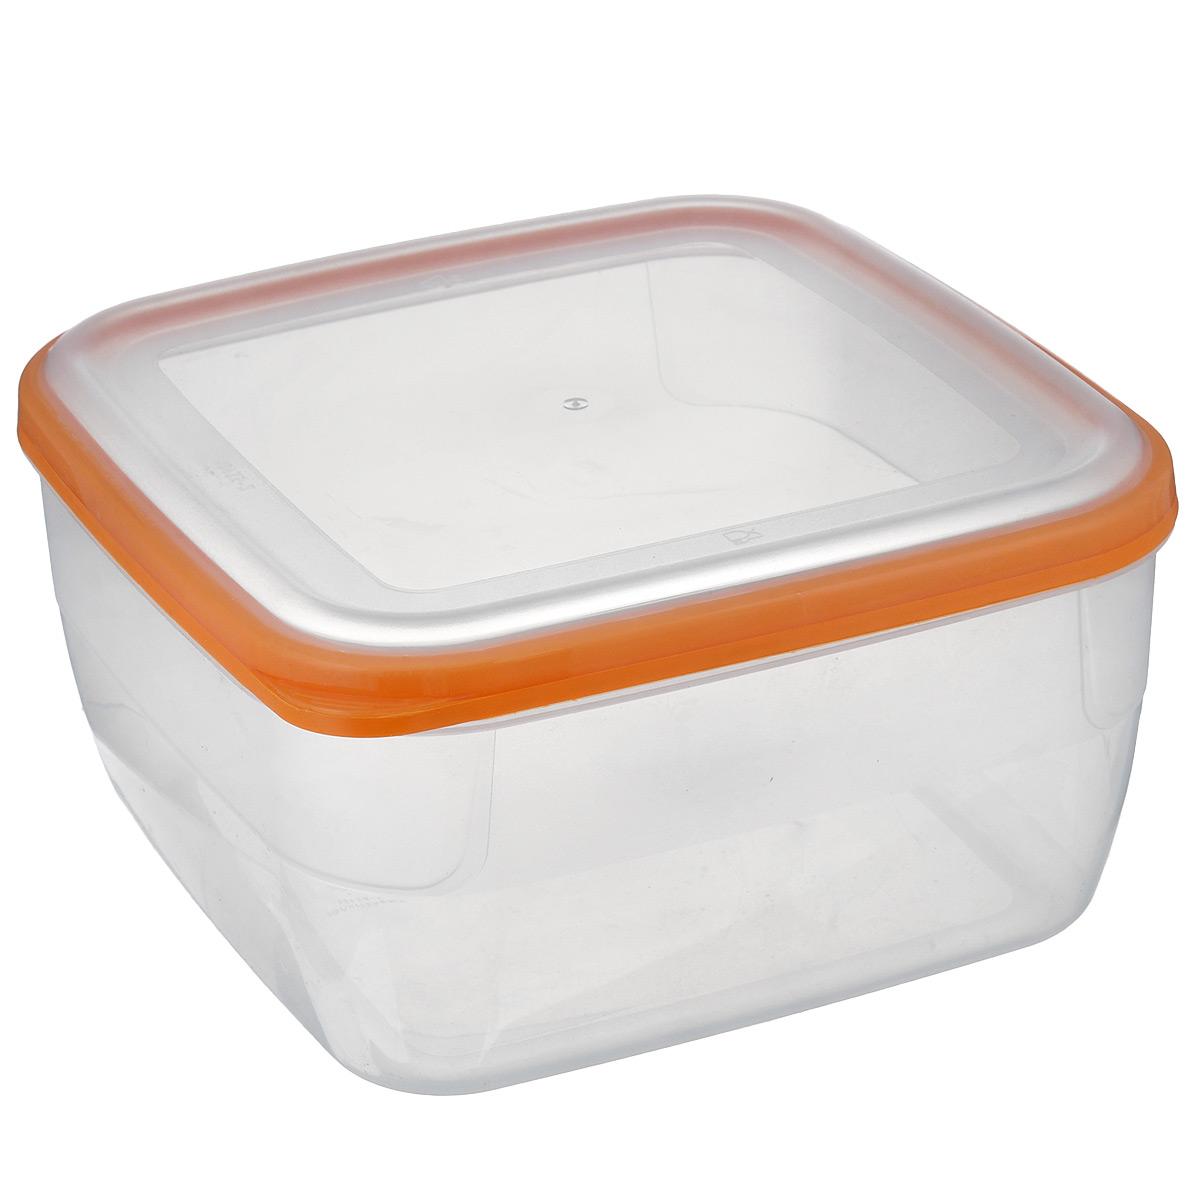 Контейнер Полимербыт Премиум, цвет: прозрачный, оранжевый, 3 л21395599Контейнер Полимербыт Премиум квадратной формы, изготовленный из прочного пластика, предназначен специально для хранения пищевых продуктов. Крышка легко открывается и плотно закрывается.Стенки контейнера прозрачные - хорошо видно, что внутри. Контейнер устойчив к воздействию масел и жиров, легко моется. Прозрачные стенки позволяют видеть содержимое. Контейнер имеет возможность хранения продуктов глубокой заморозки, обладает высокой прочностью. Подходит для использования в микроволновых печах. Можно мыть в посудомоечной машине.